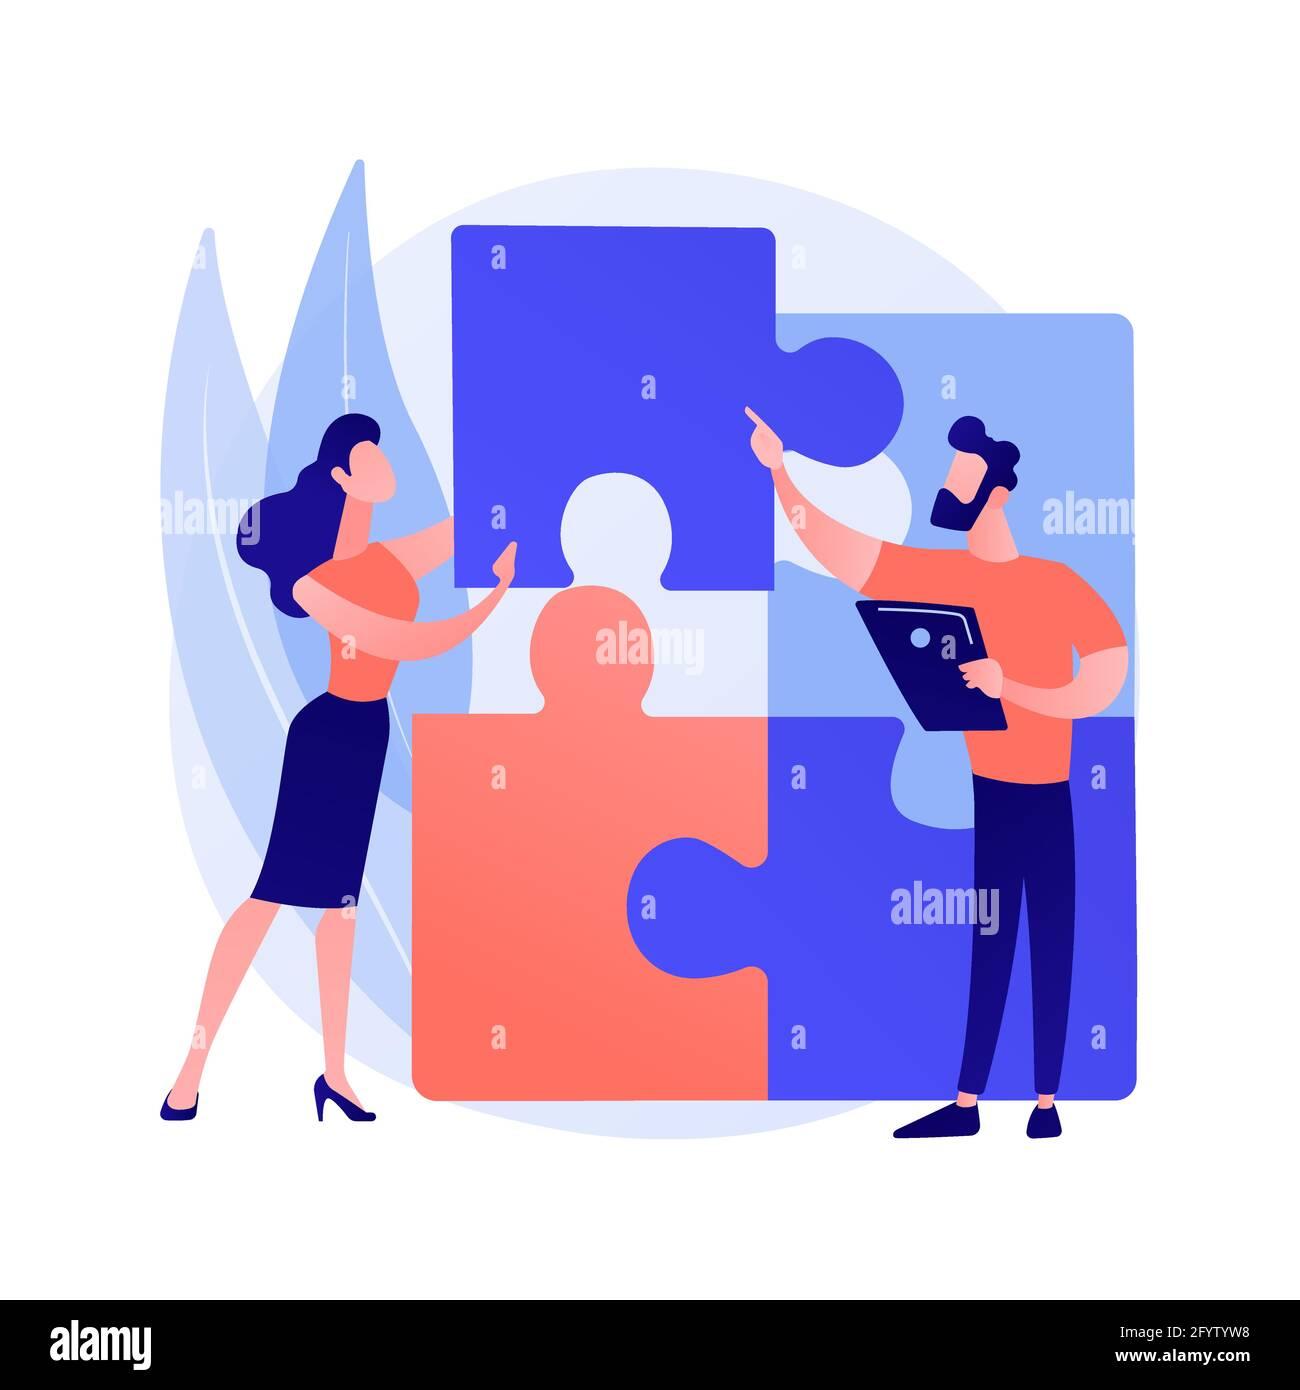 Estructura de diseño matriz resumen concepto vector ilustración. Representación visual del proyecto, análisis del sistema, gestión del proyecto, equipo de organización, p Ilustración del Vector